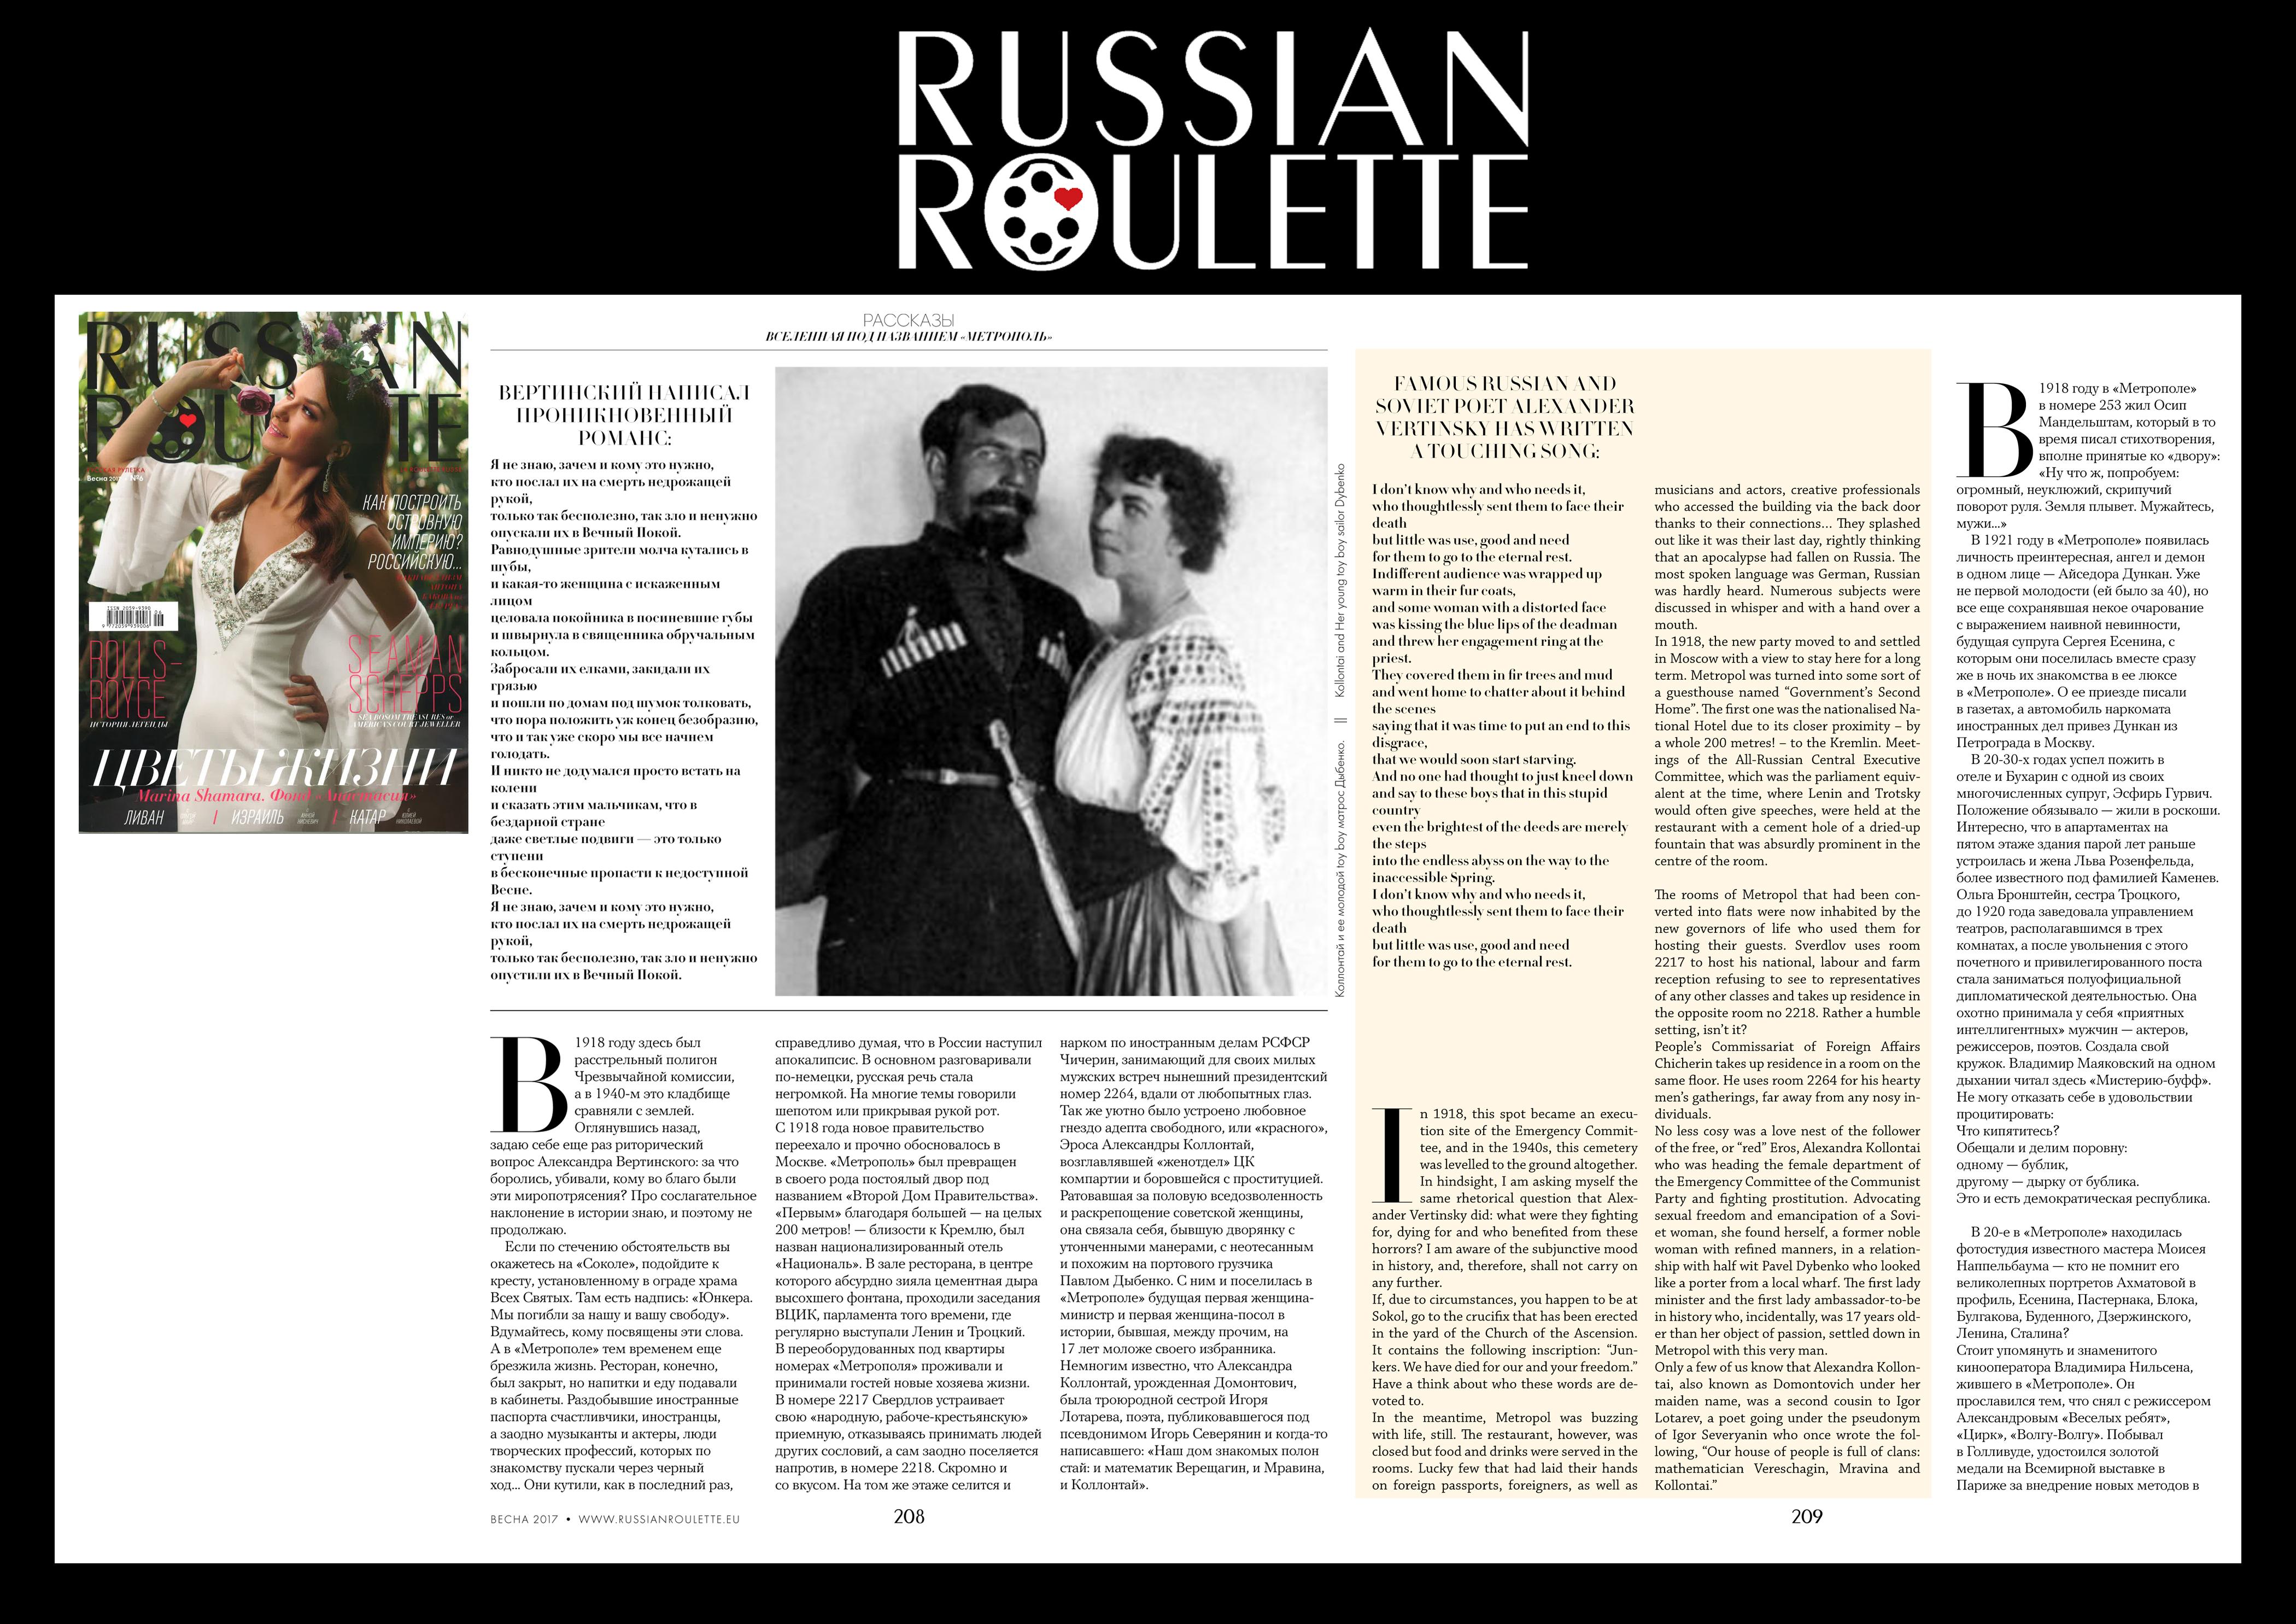 RUSSIAN ROULETTE METROPOLE 3-2